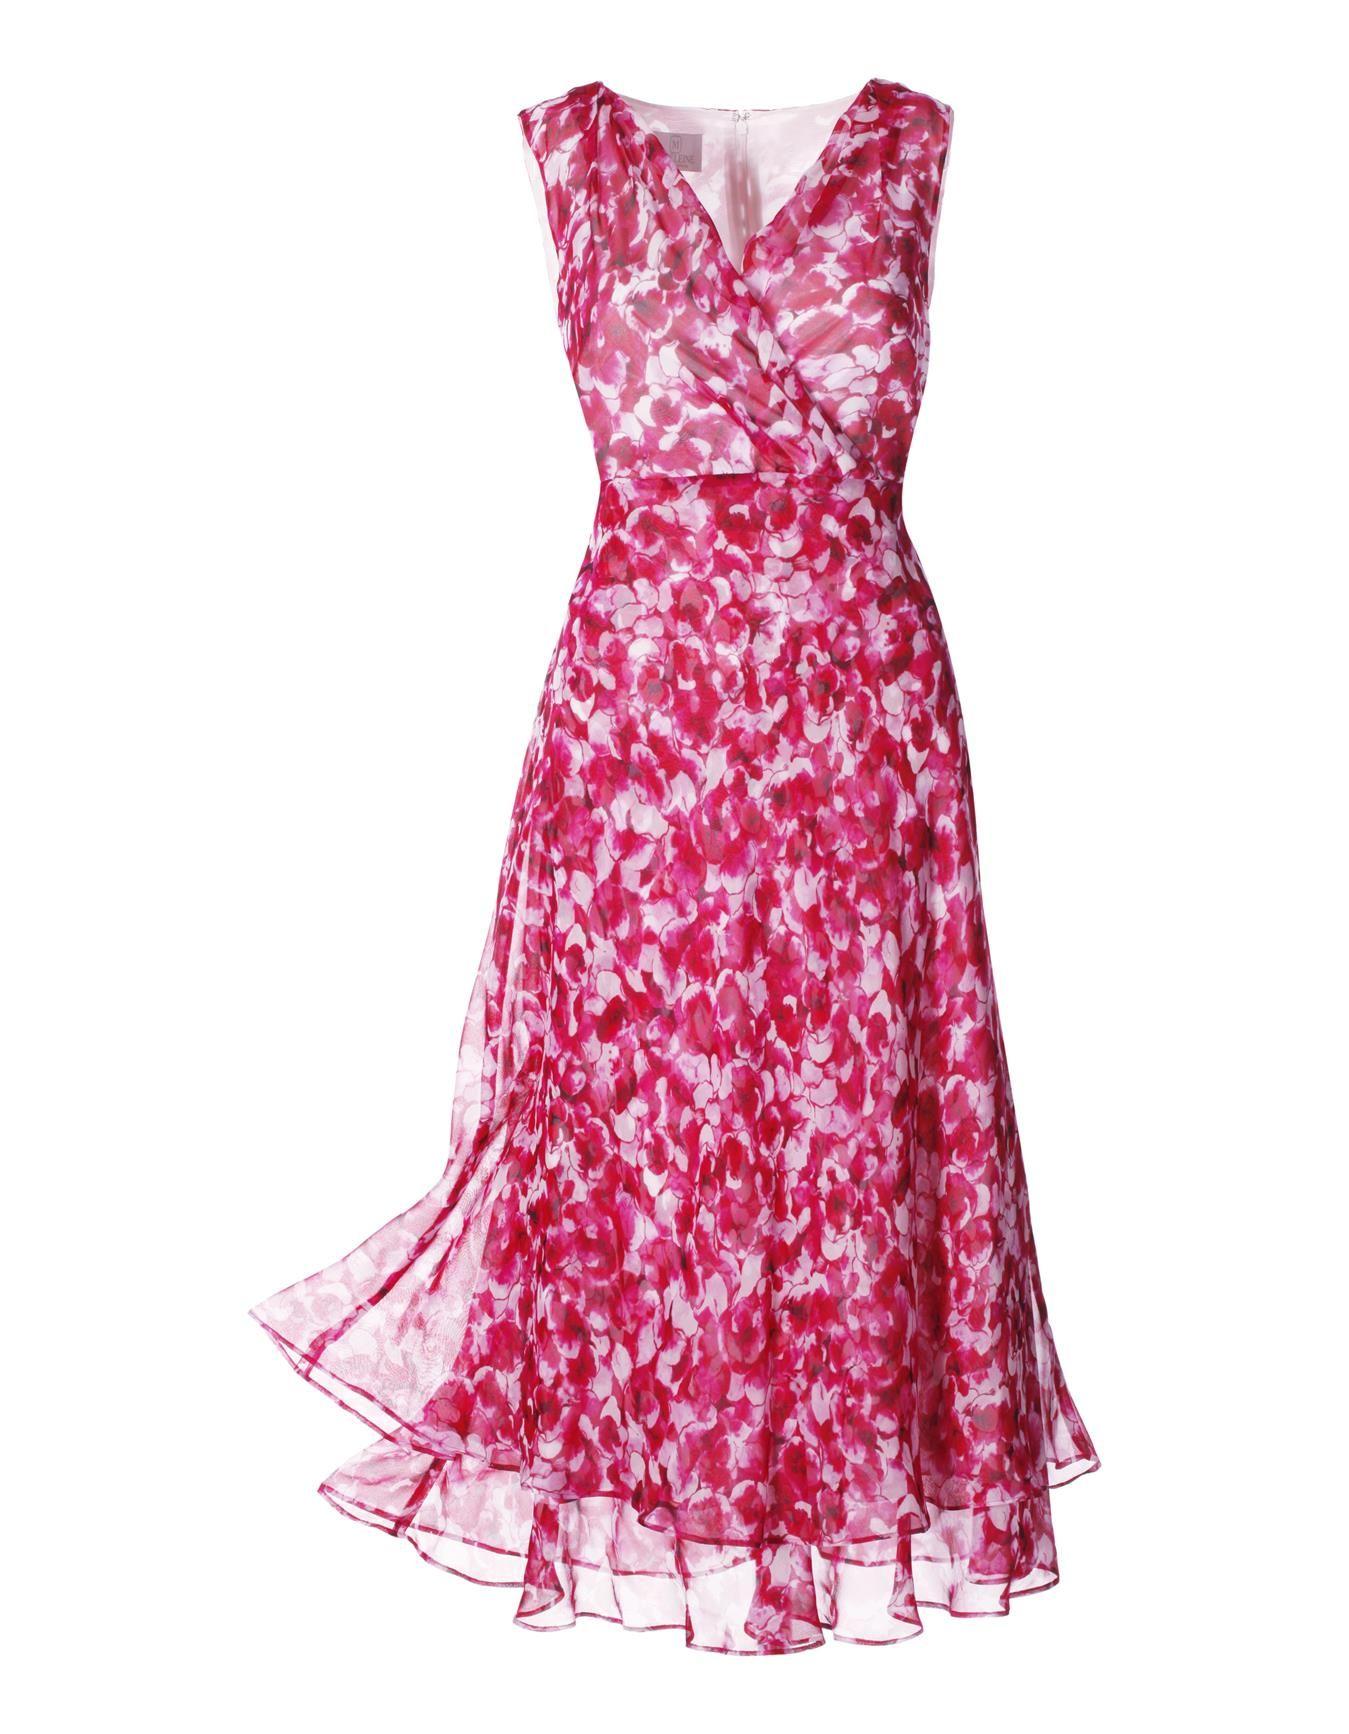 Kleid aus Seide - MADELEINE Mode  Graue brautjungfern kleider